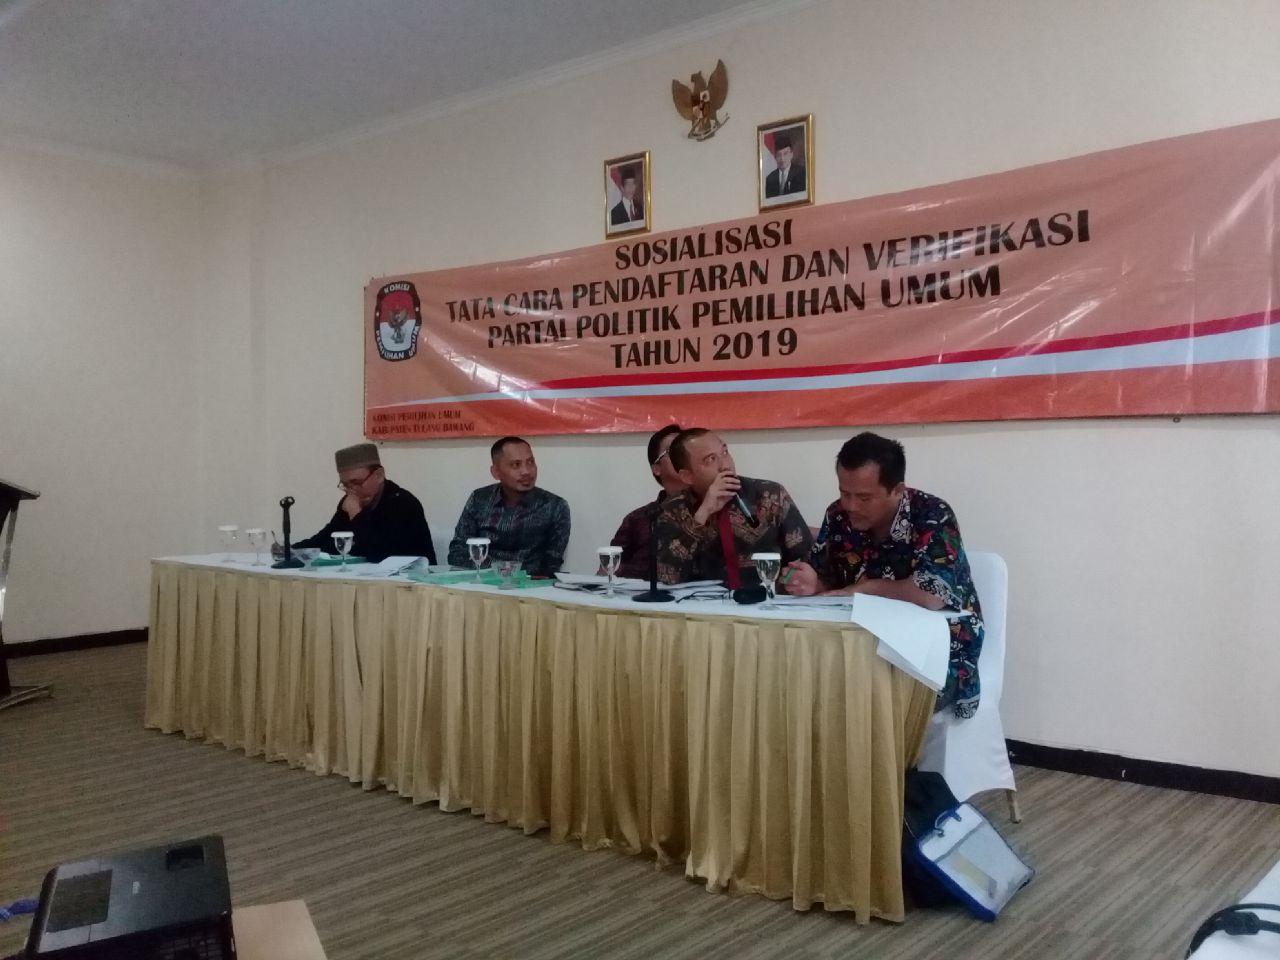 LAMPUNG POST | KPU Tulangbawang Sosialisasi Verifikasi Parpol Peserta Pemilu 2019